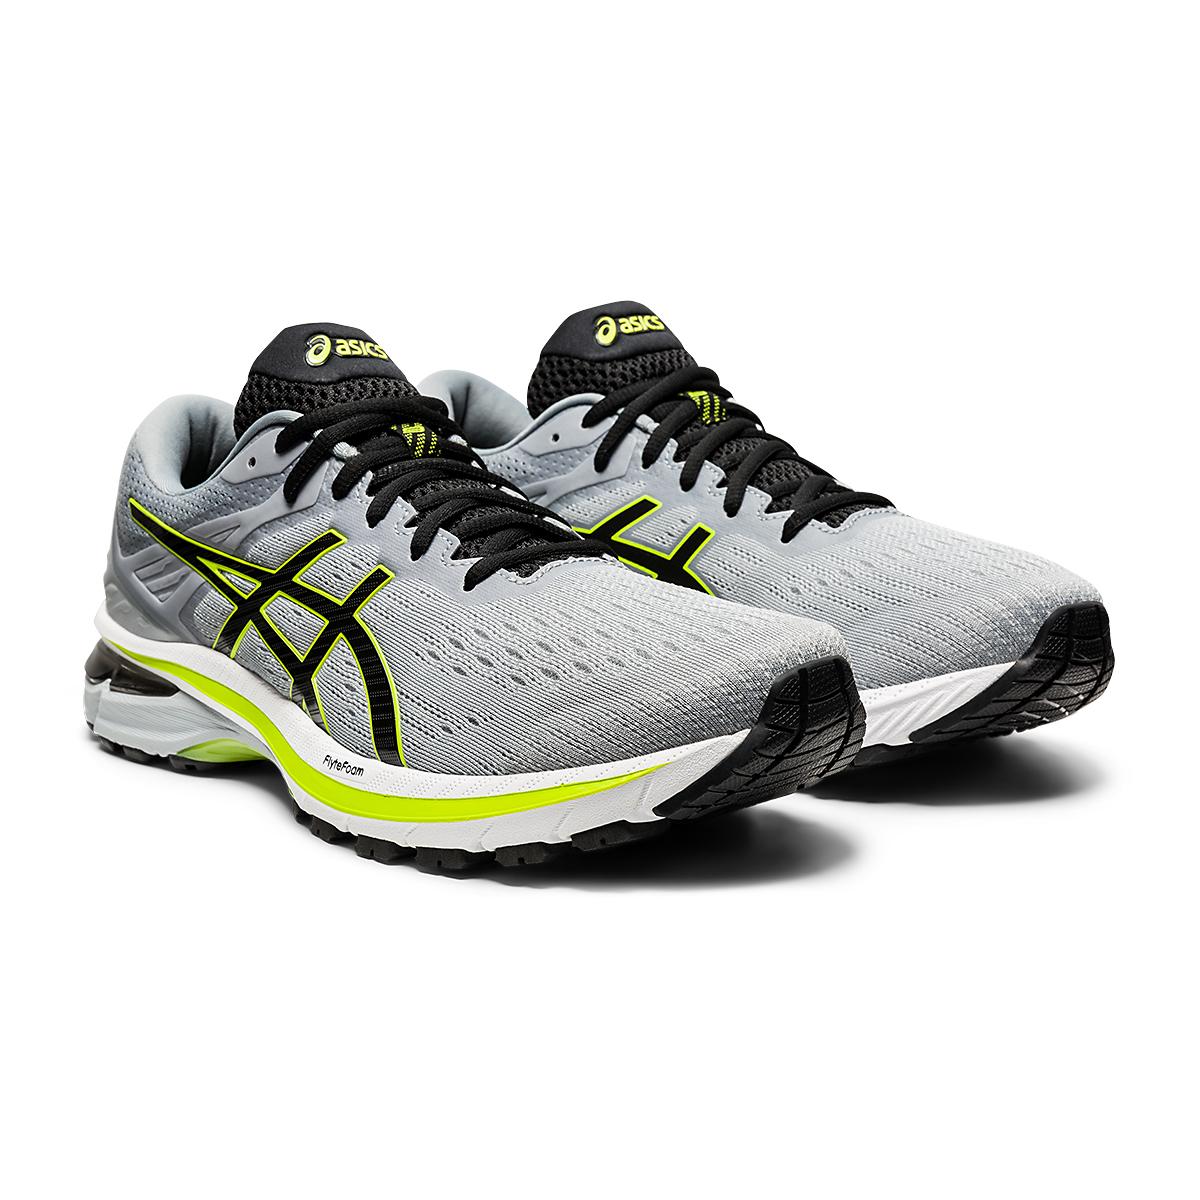 Men's Asics GT-2000 9 Running Shoe - Color: Sheet Rock/Black - Size: 7 - Width: Regular, Sheet Rock/Black, large, image 3